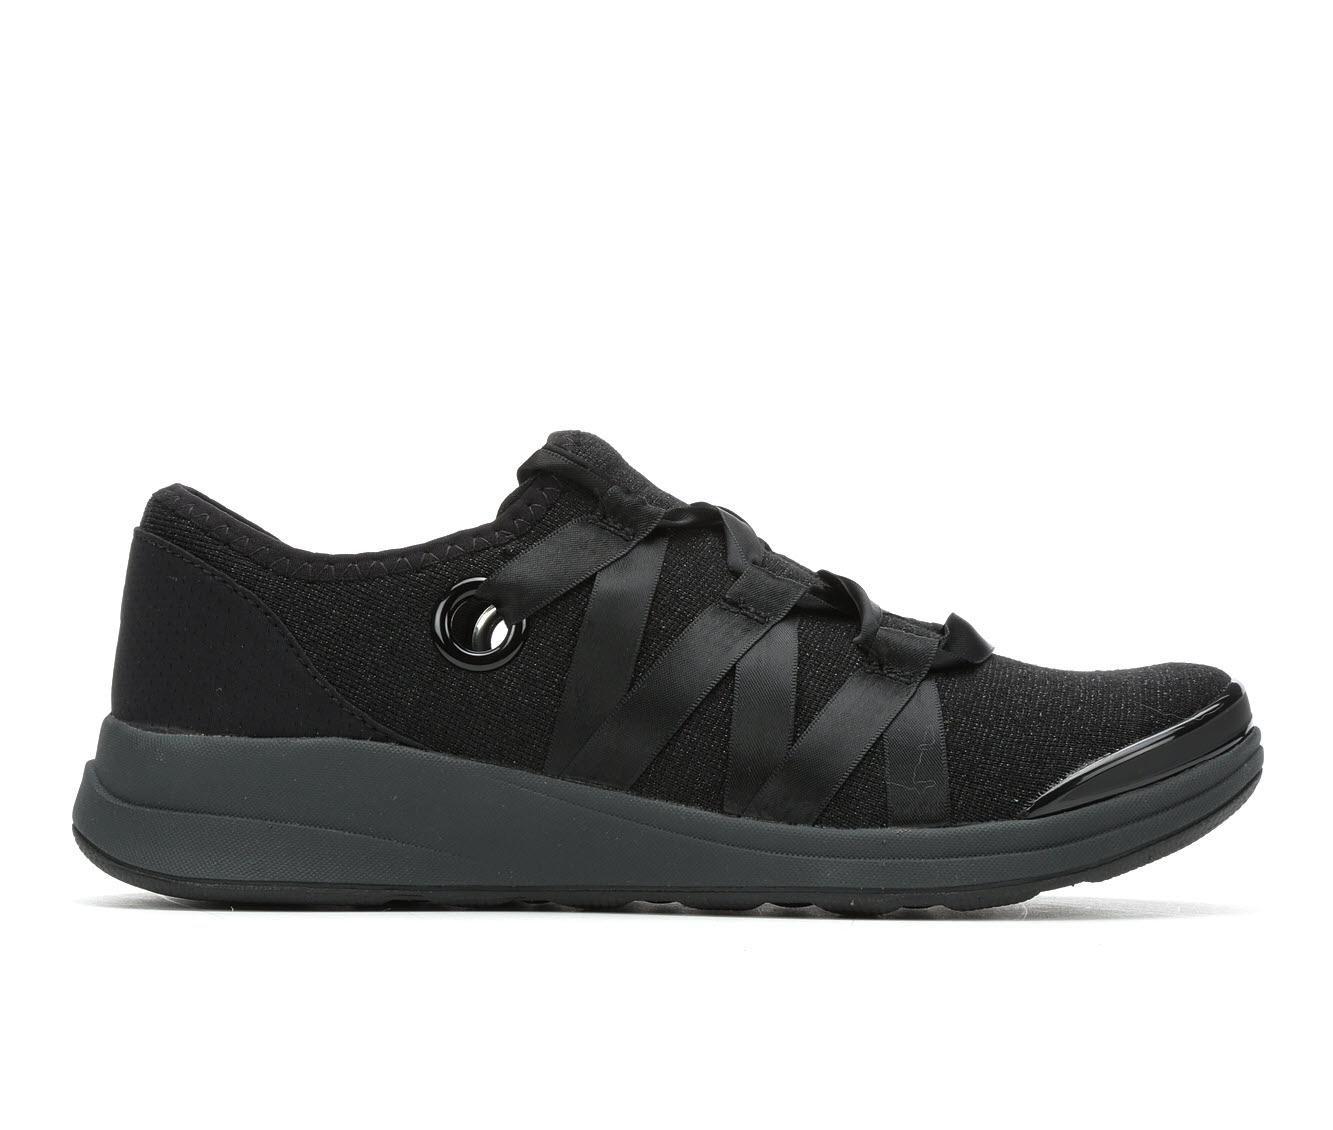 BZEES Inspire Women's Shoe (Black Canvas)